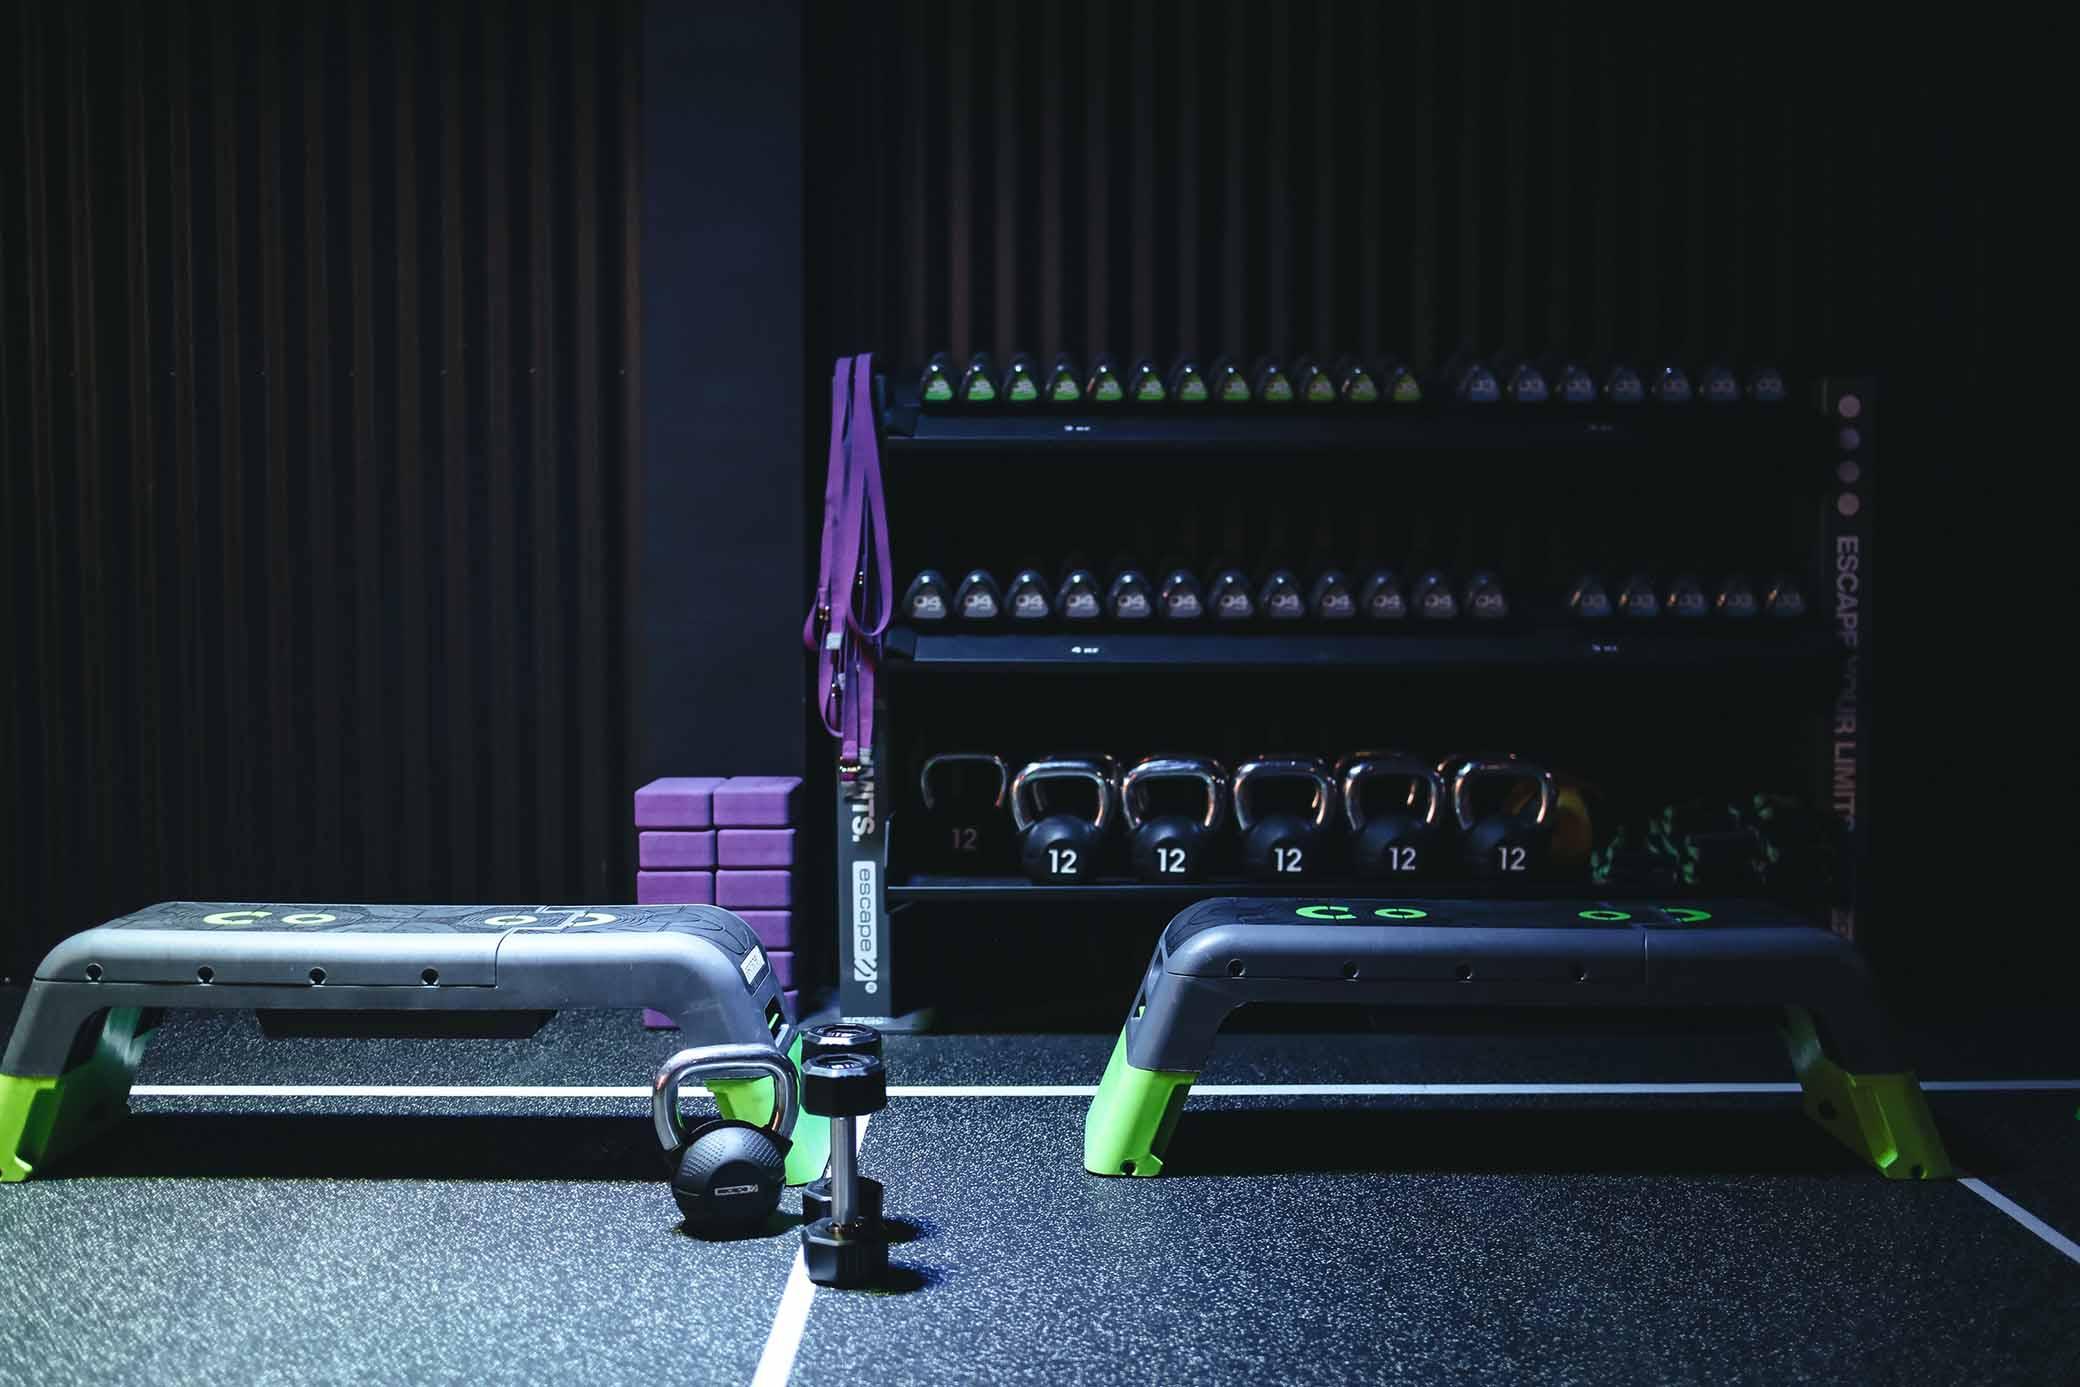 Fitnesstoestelkopen header image